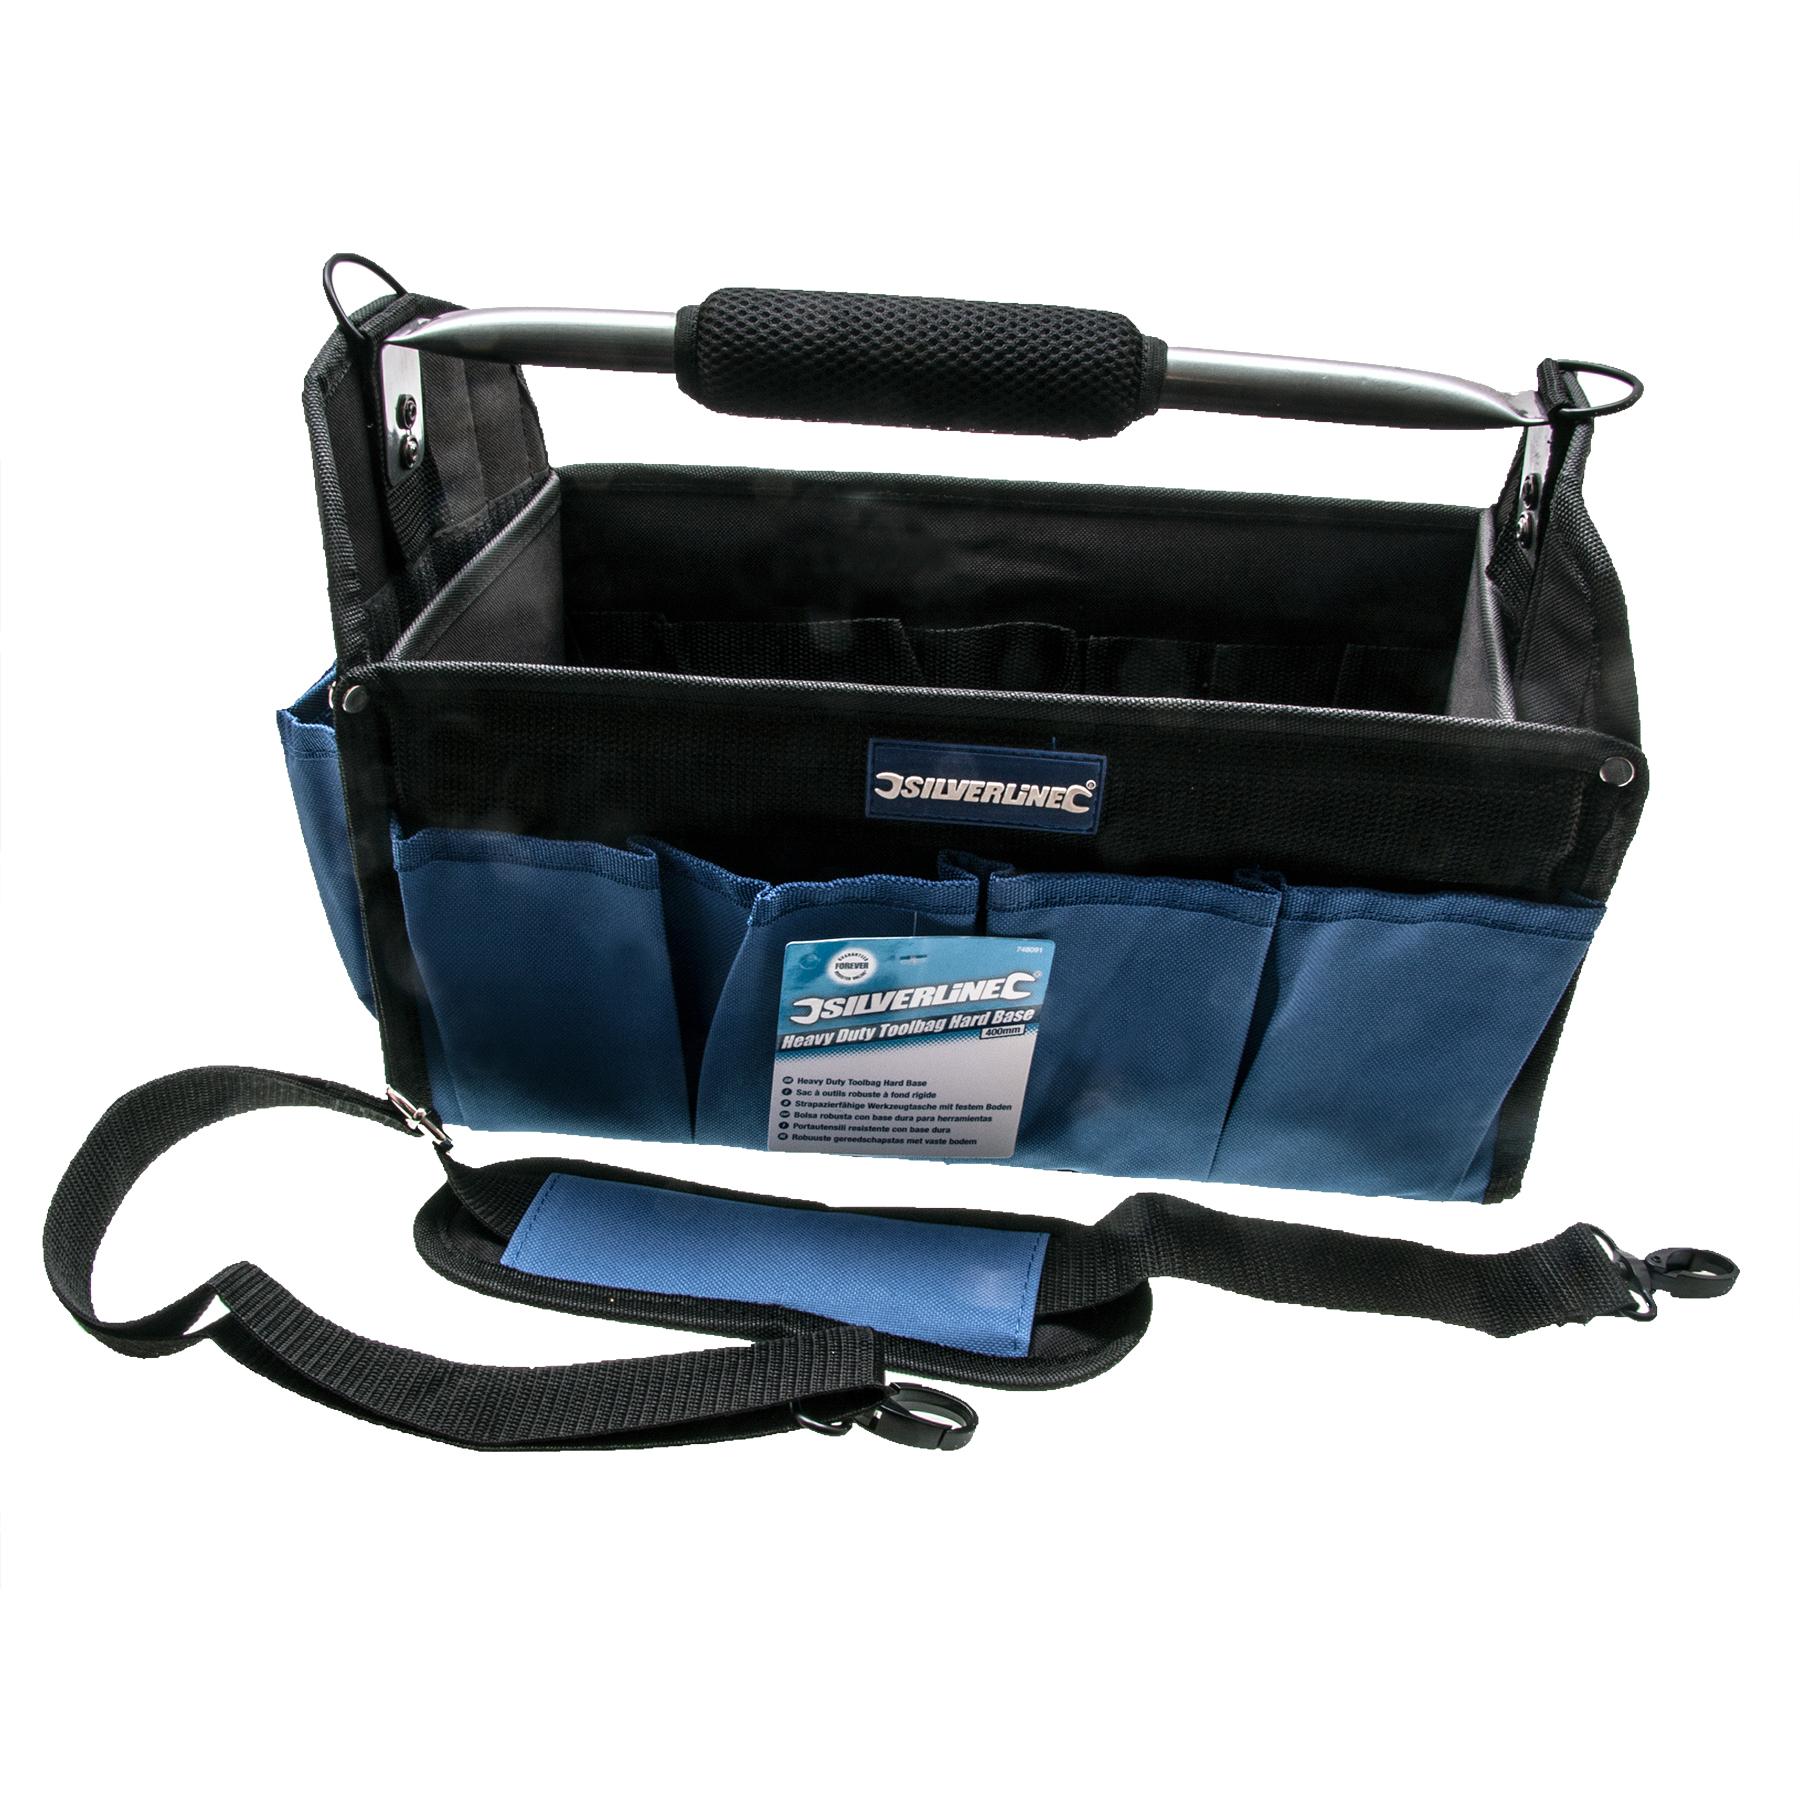 Silverline 748091 Heavy Duty Tool Bag Hard Base